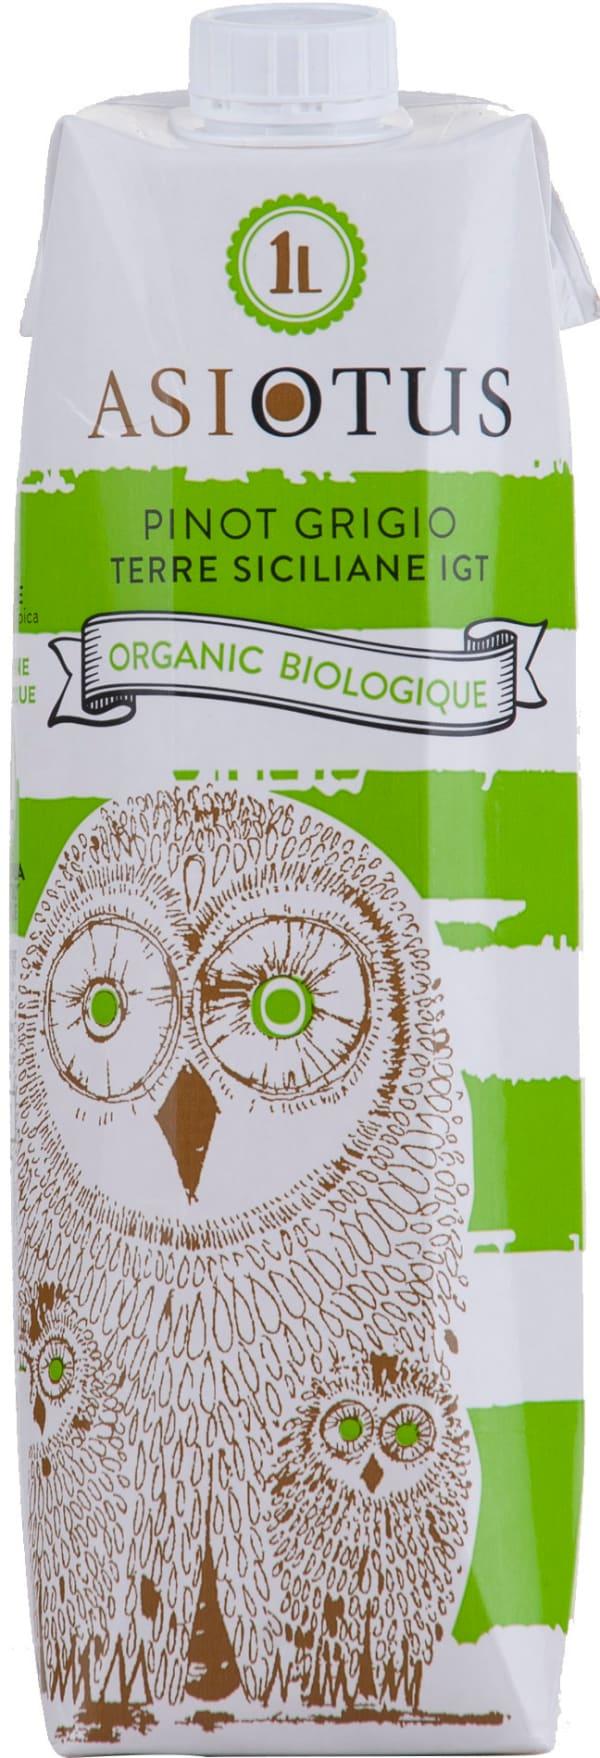 Asio Otus Pinot Grigio Organic 2016 carton package